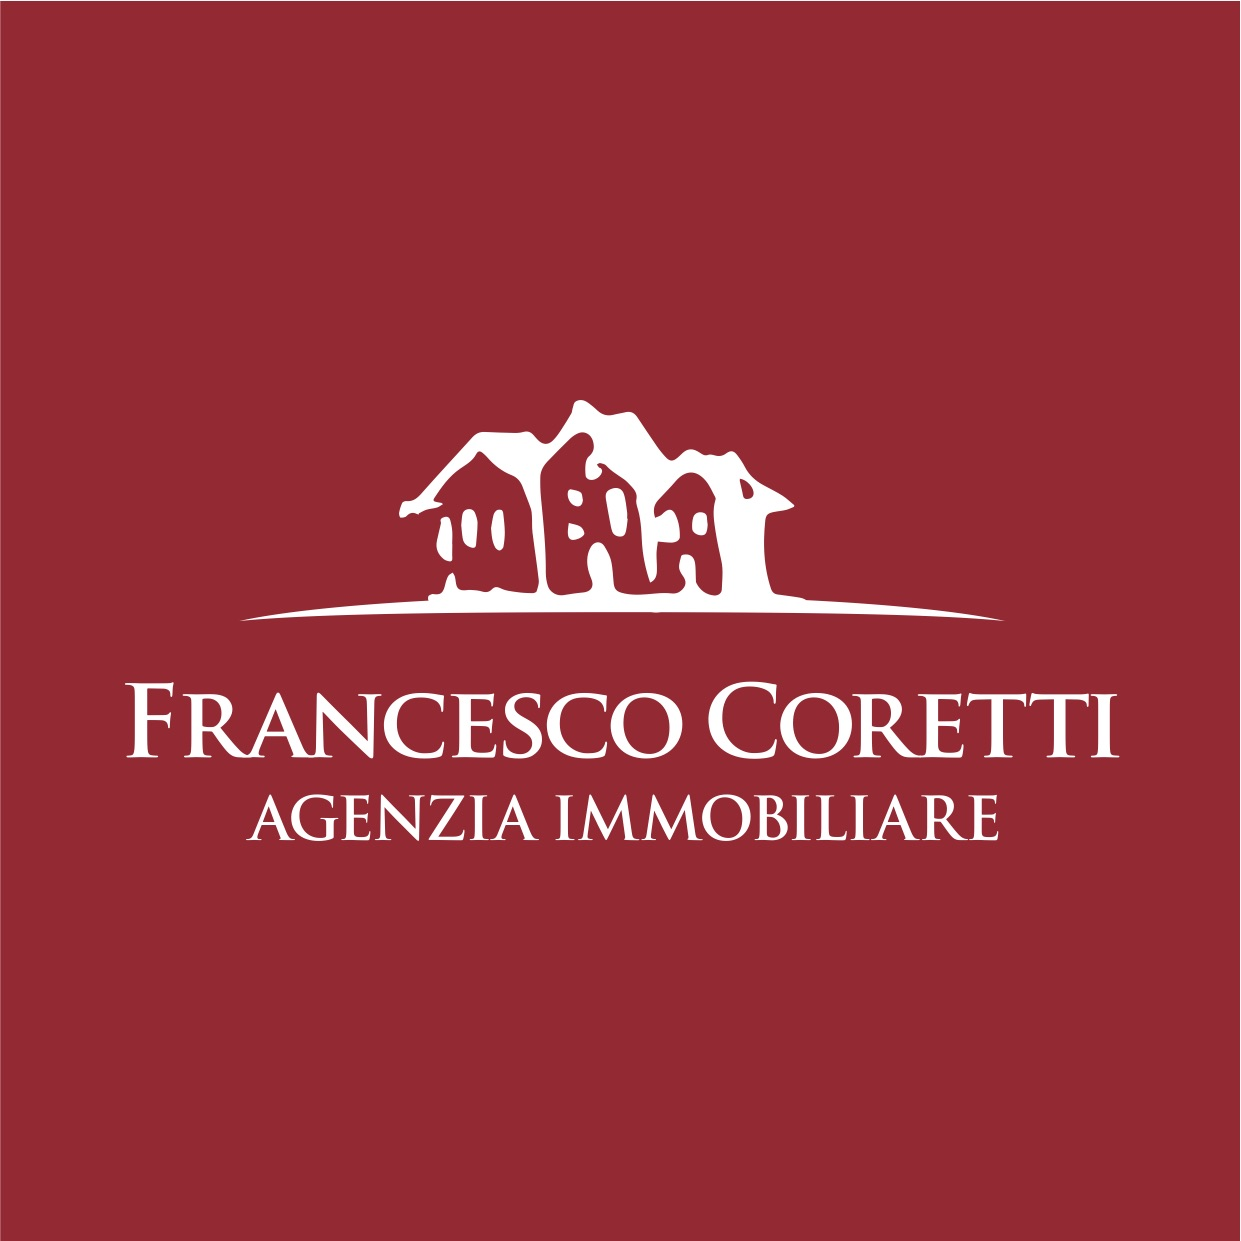 Agenzia immobiliare FRANCESCO CORETTI